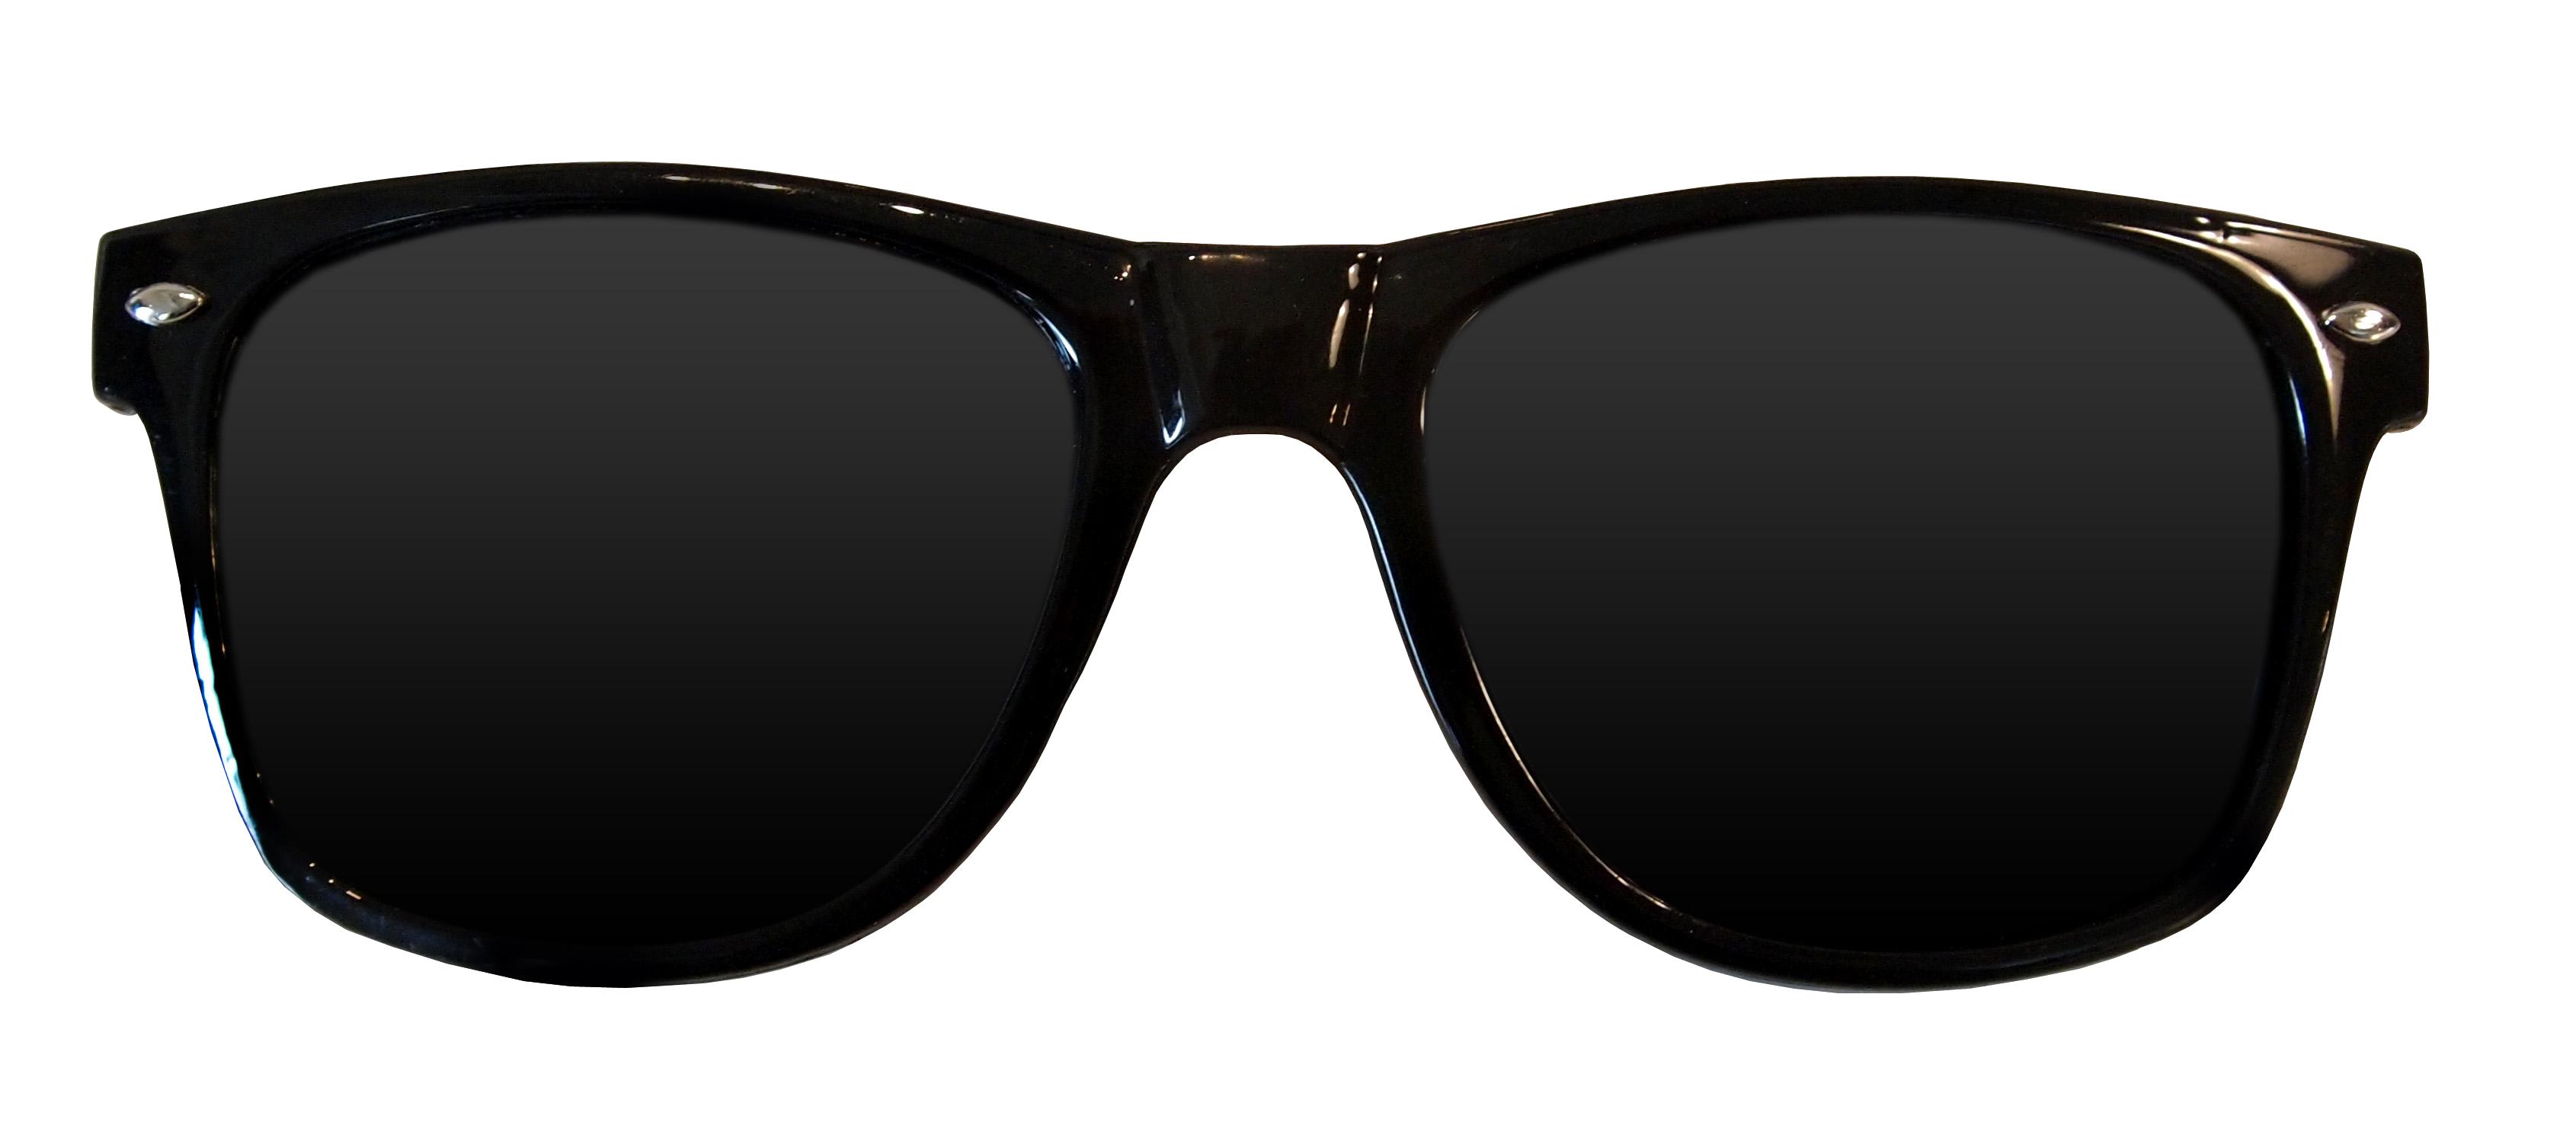 Sunglasses PNG Photos SVG Clip arts